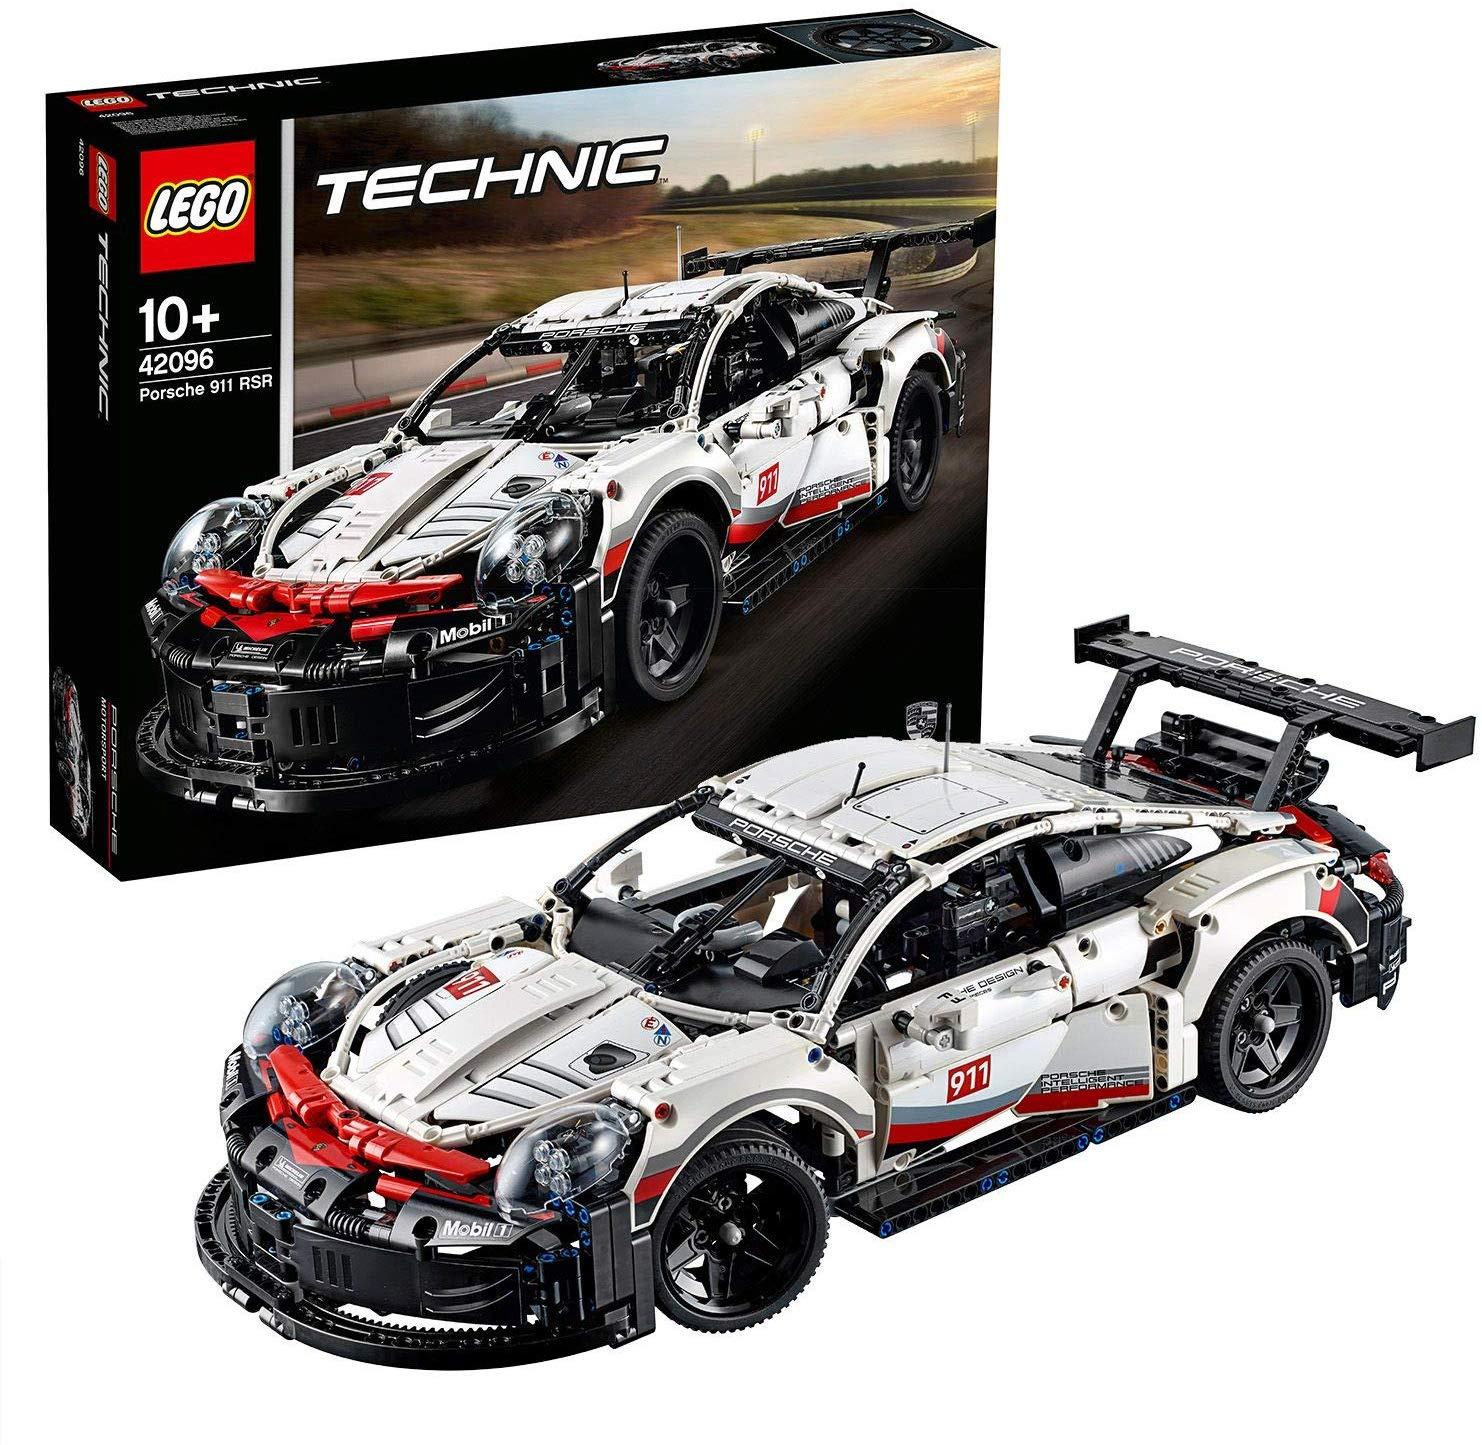 Jeu de Construction Lego Technic 42096 - Porsche 911 RSR (85,54€ avec 15D100KDO)